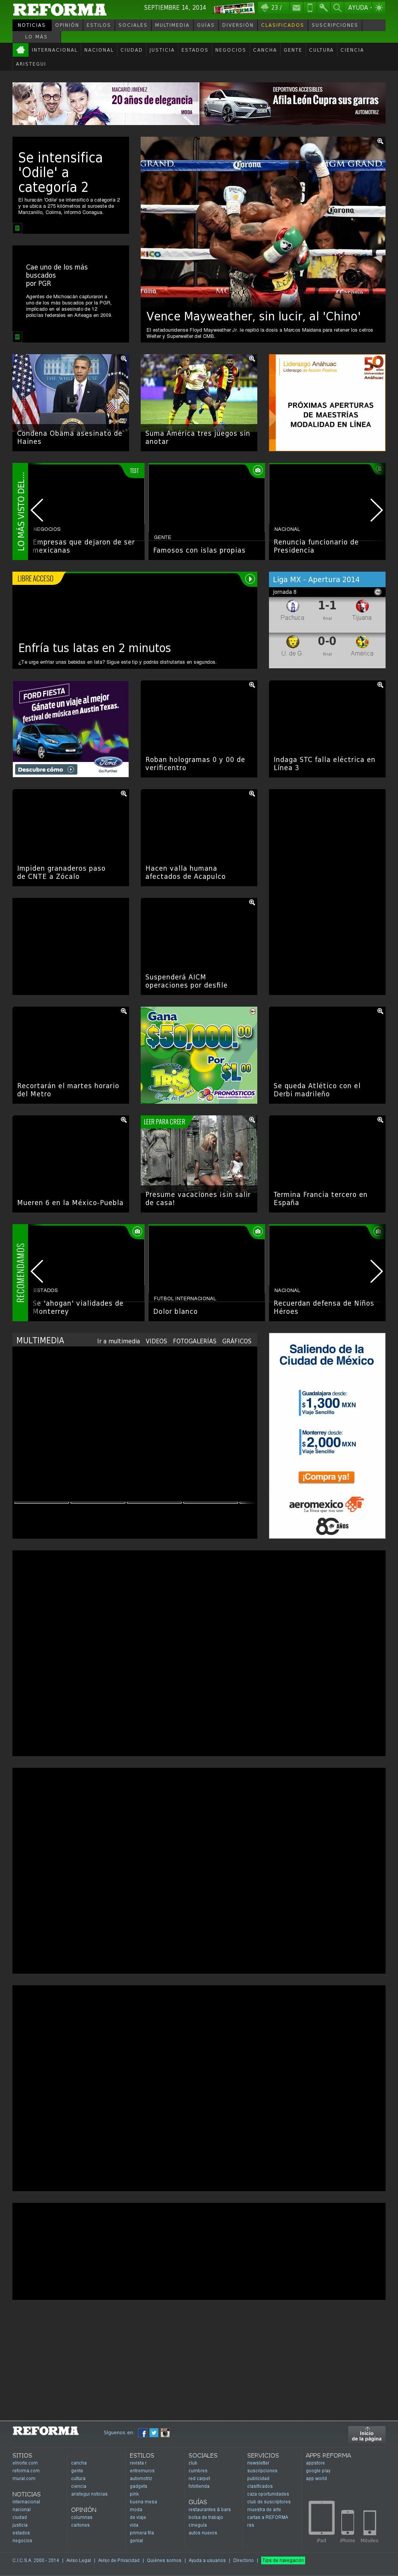 Reforma.com at Sunday Sept. 14, 2014, 5:14 a.m. UTC